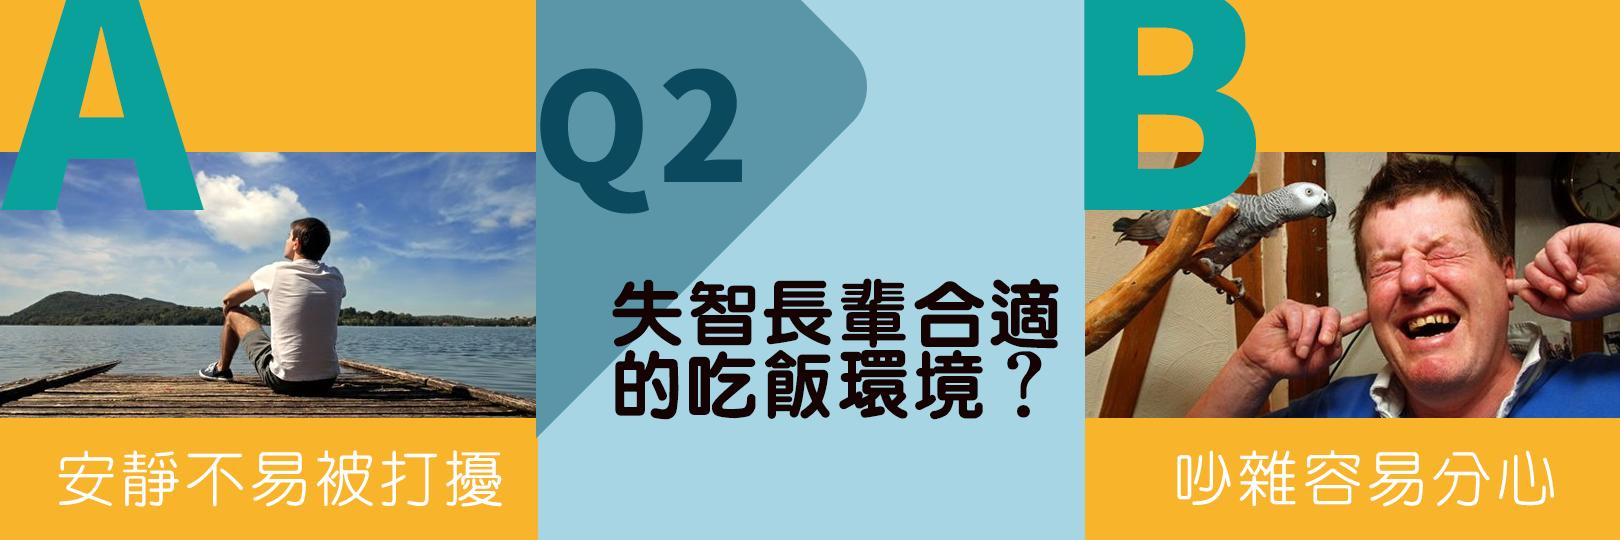 Q2:失智長輩合適的吃飯環境?